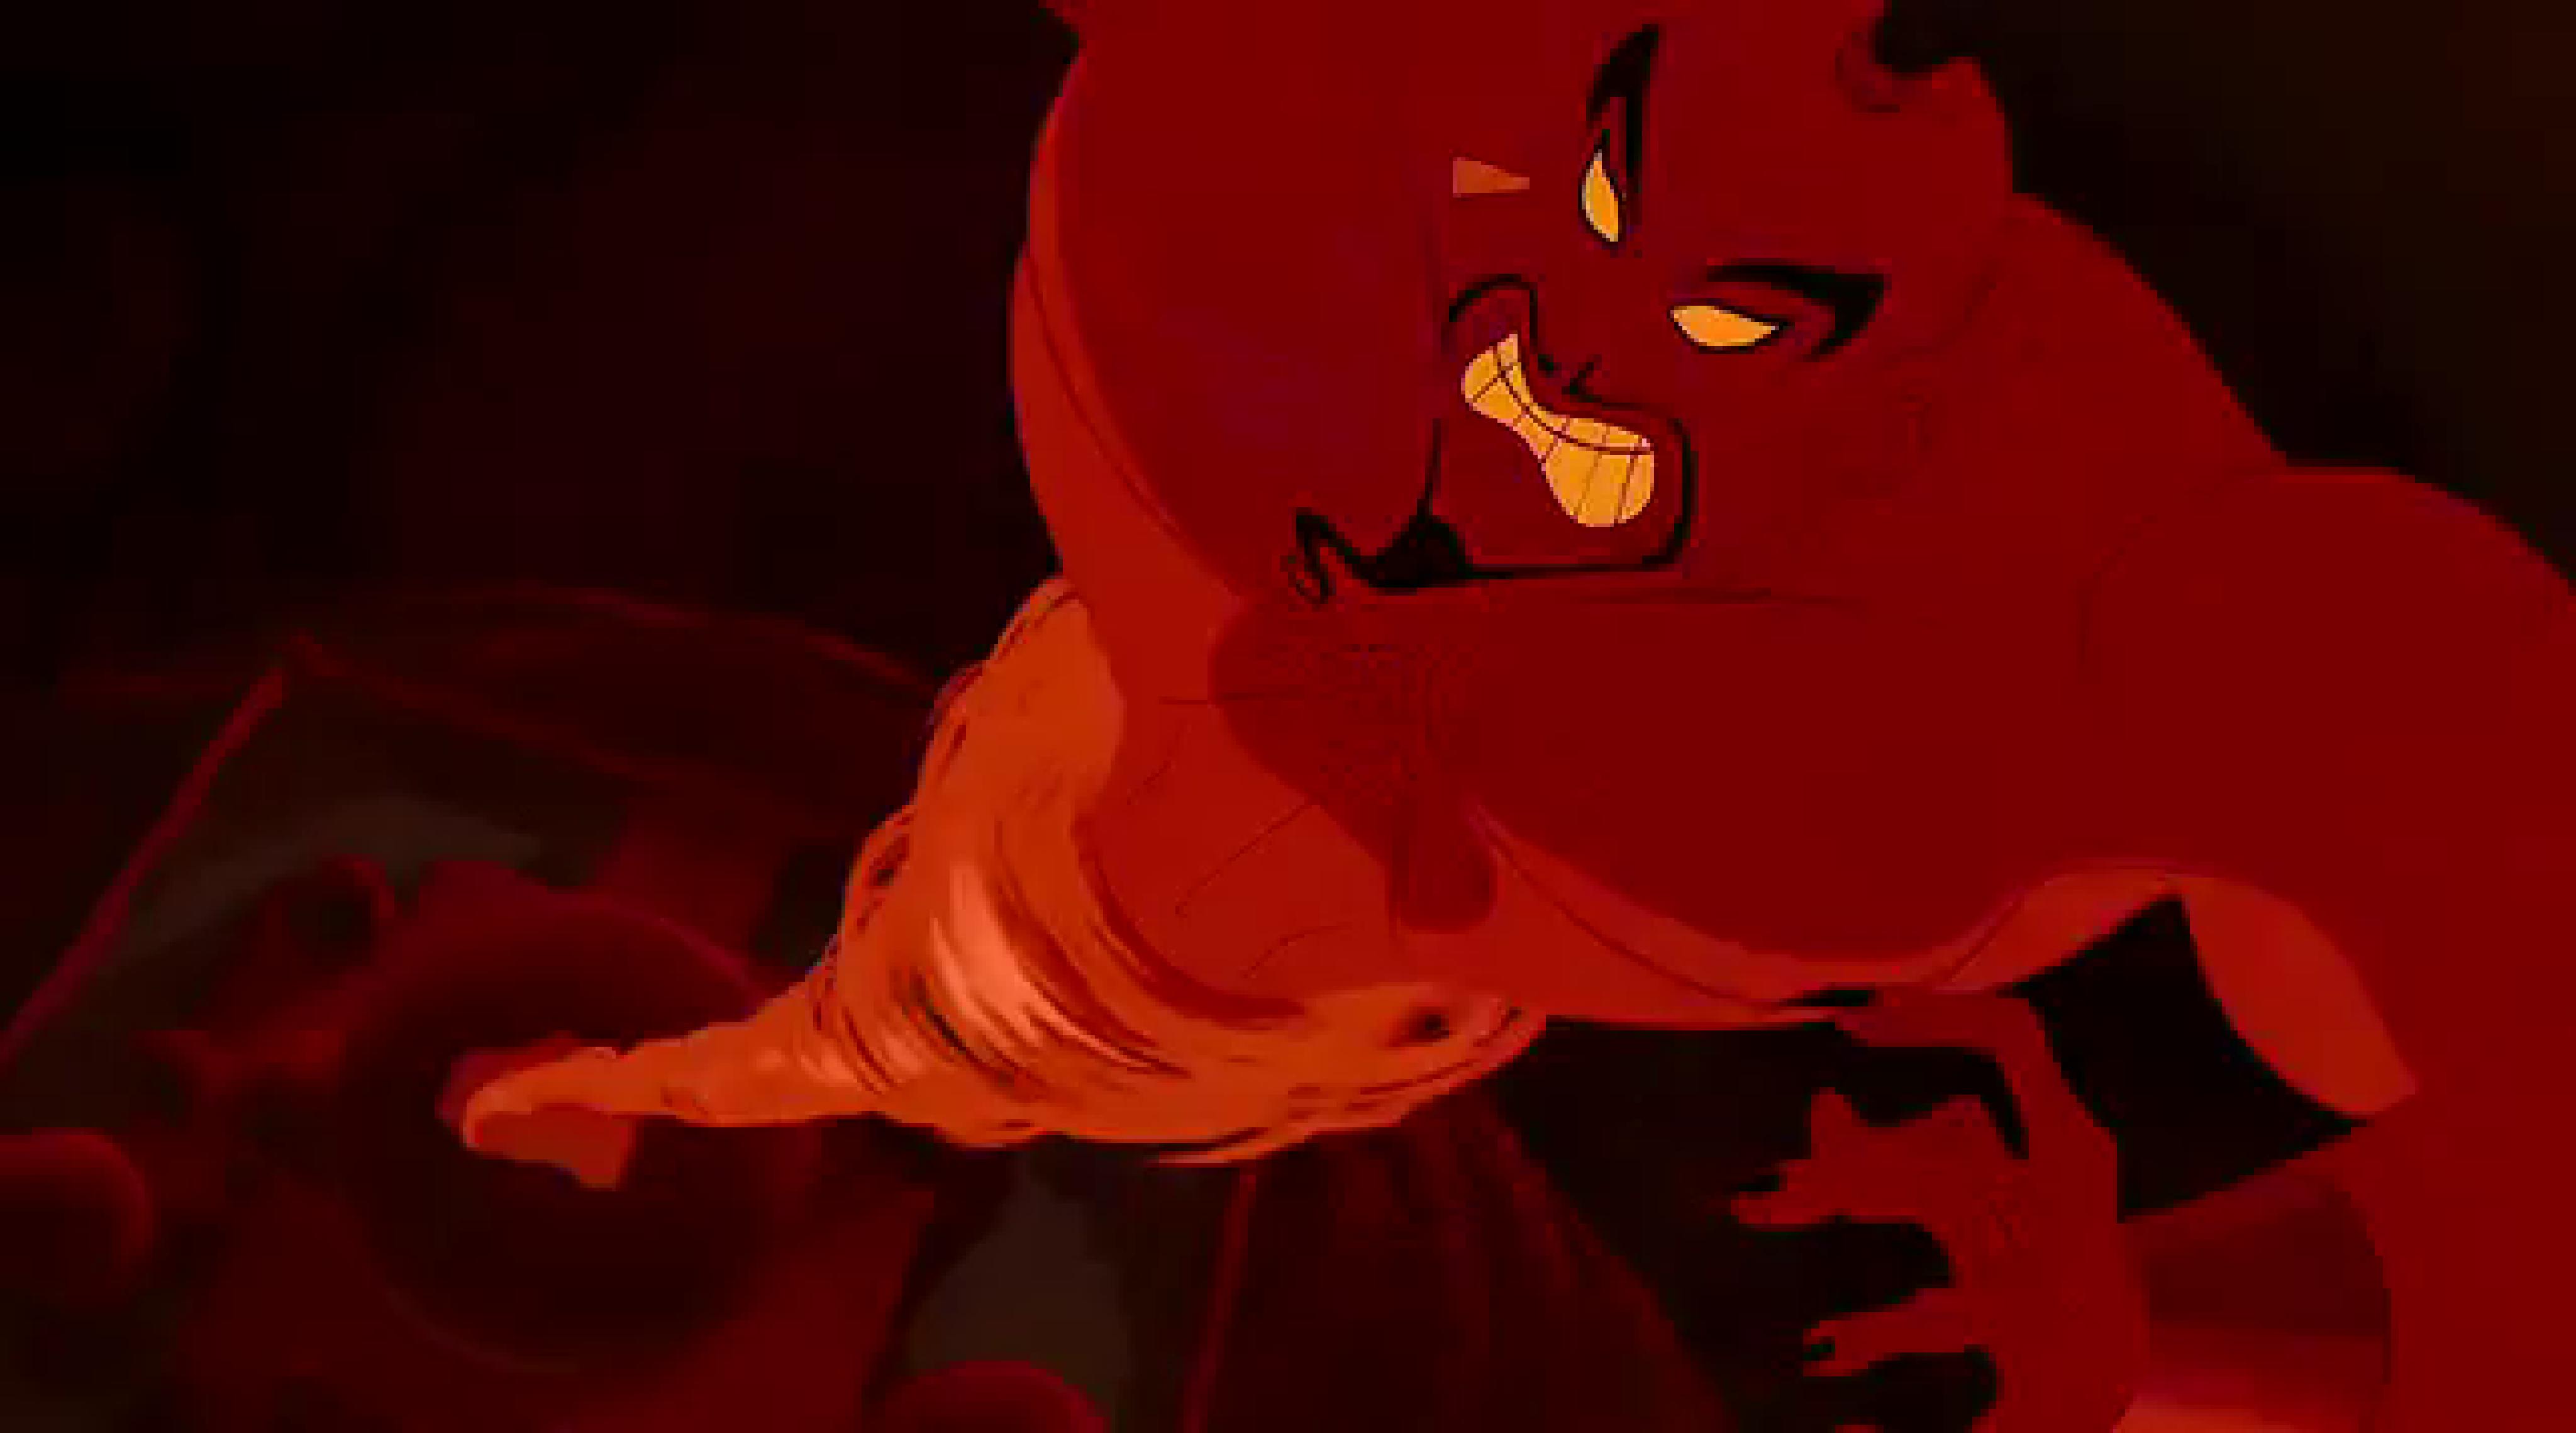 Image - Genie Jafar - Part 6.png - Wickedpedia